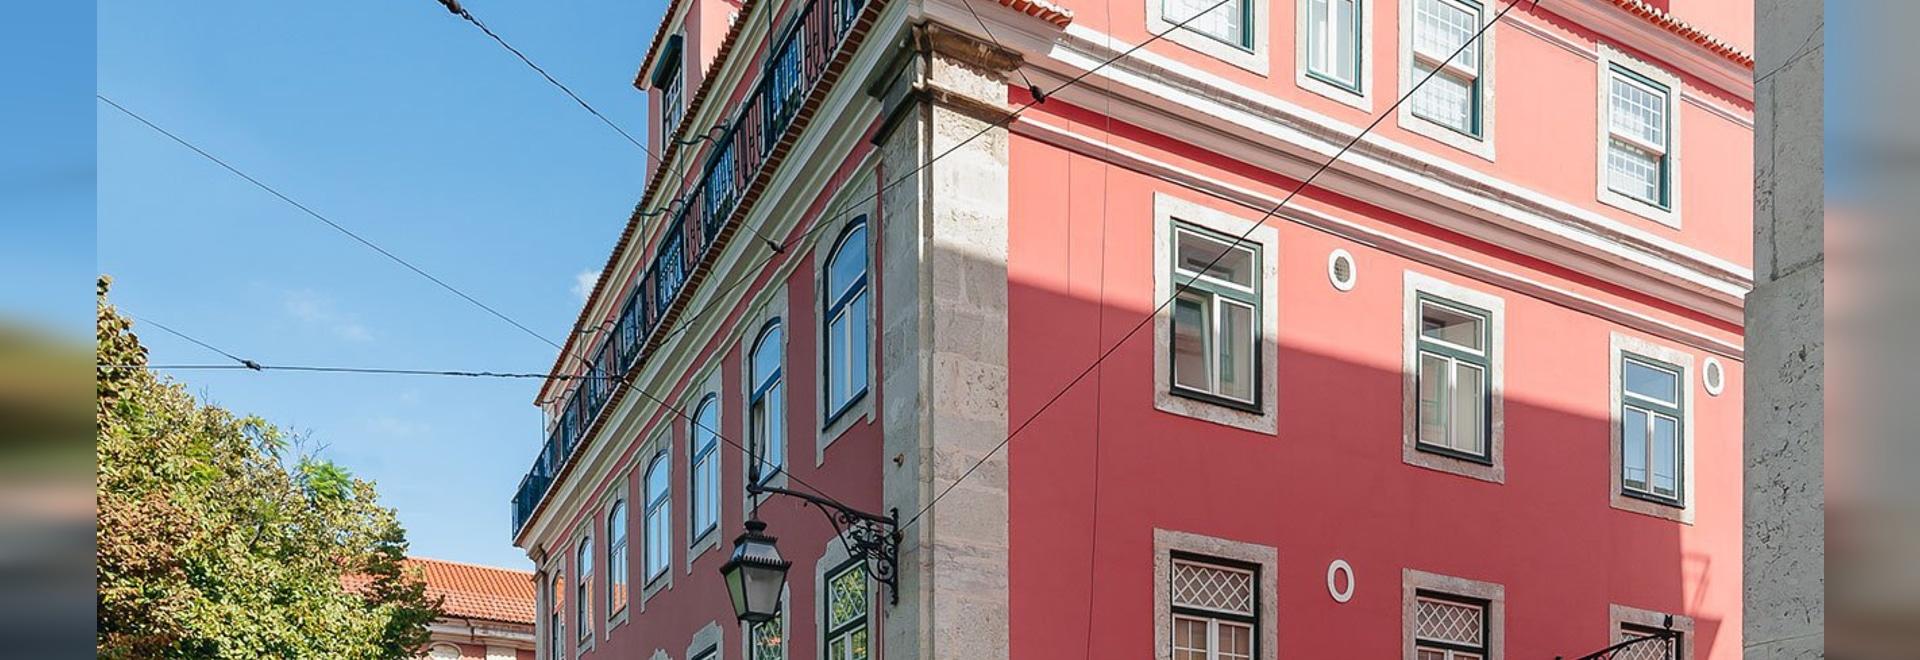 Aurora Arquitectos Ristrutturare un appartamento storico di Lisbona con Aplomb minimalista